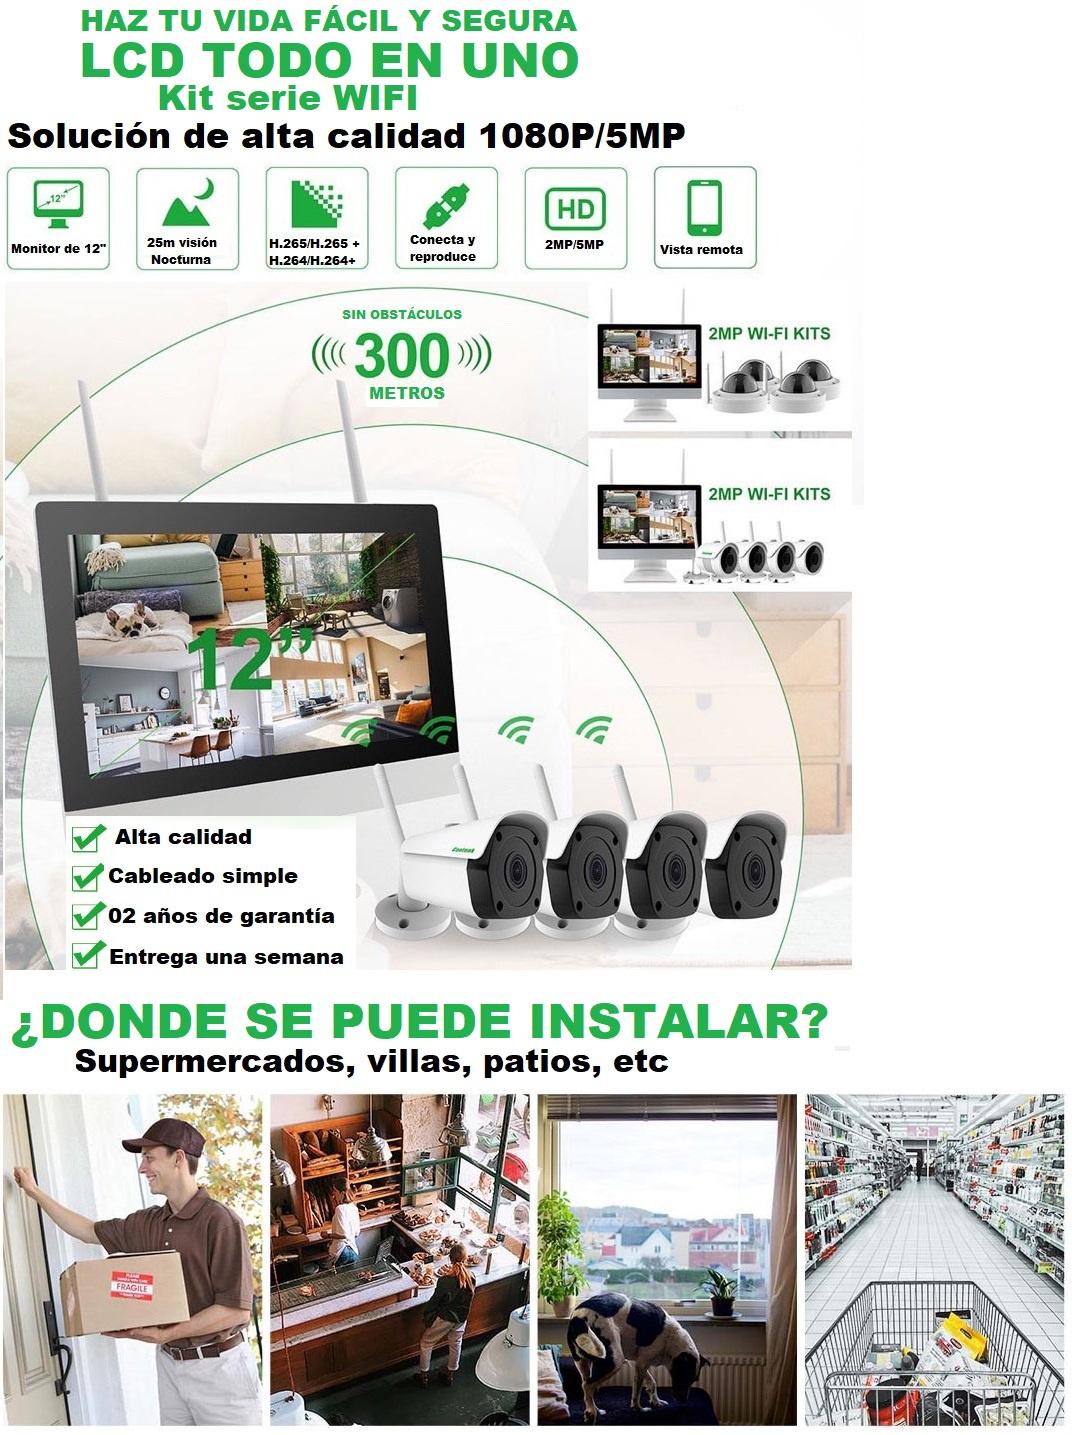 https://0201.nccdn.net/4_2/000/000/018/83c/CCTV_LCD_TODO-EN-UNO-1072x1435.jpg